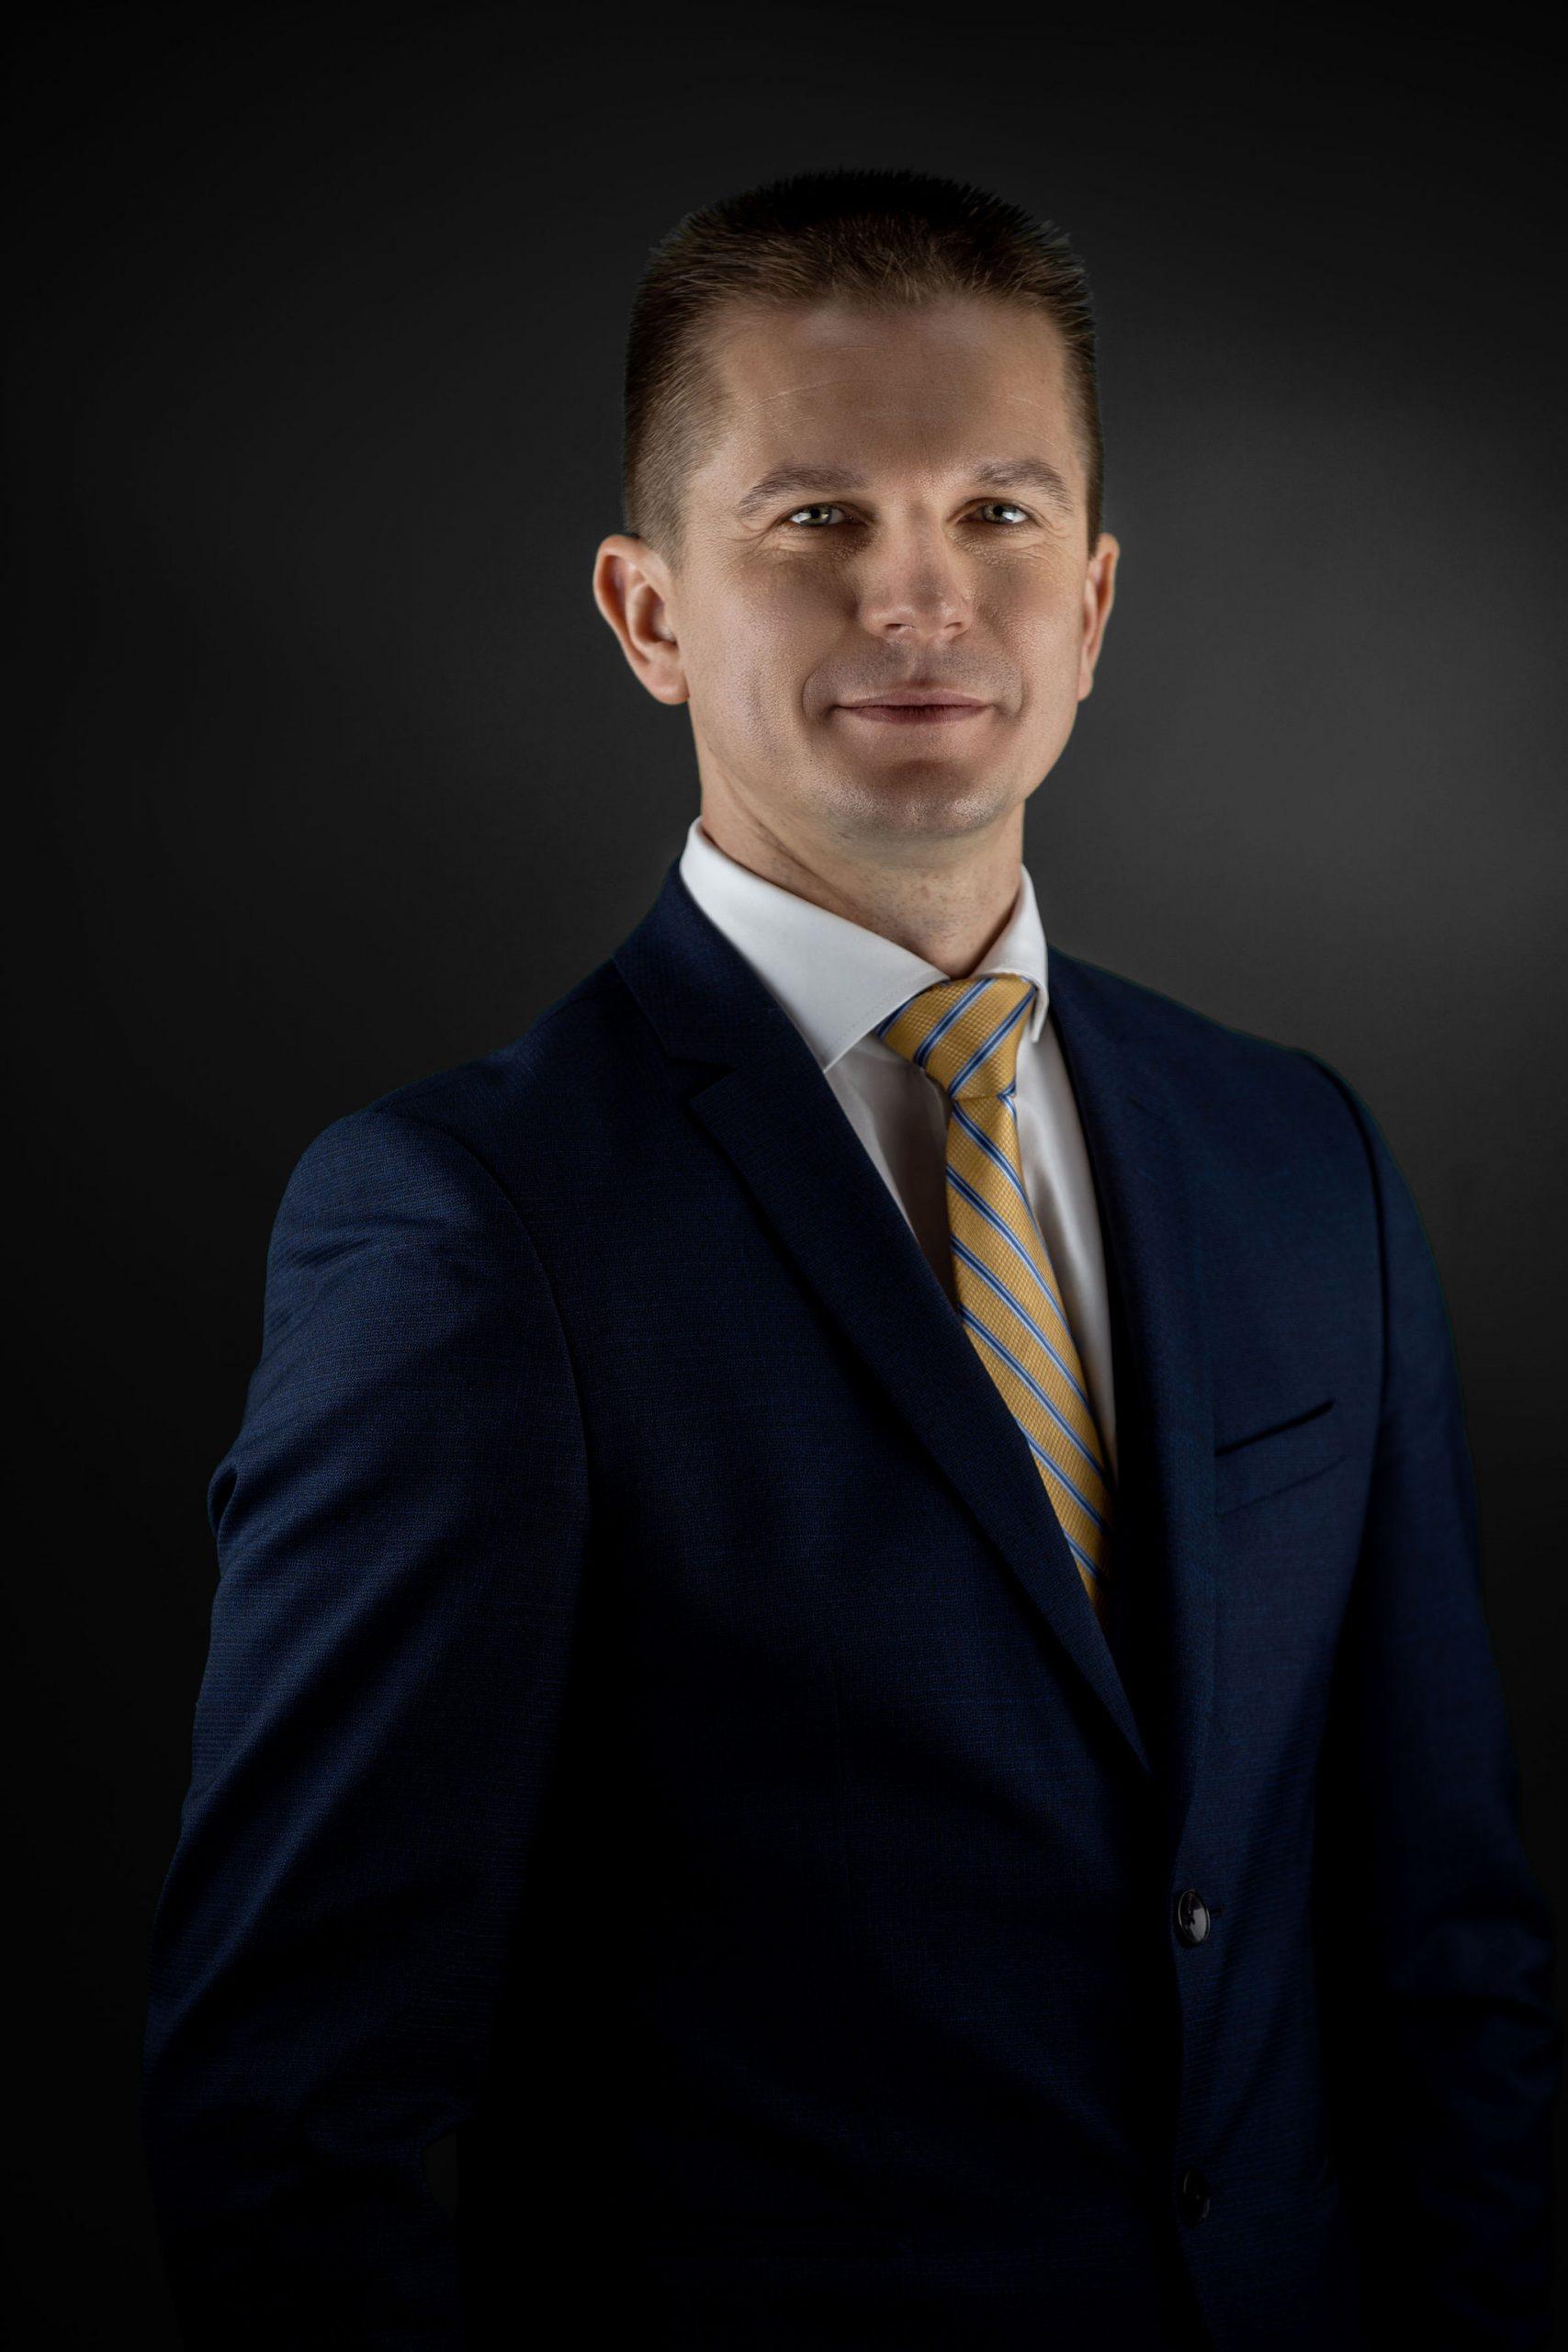 Присяжный адвокат Edgars Atlācis